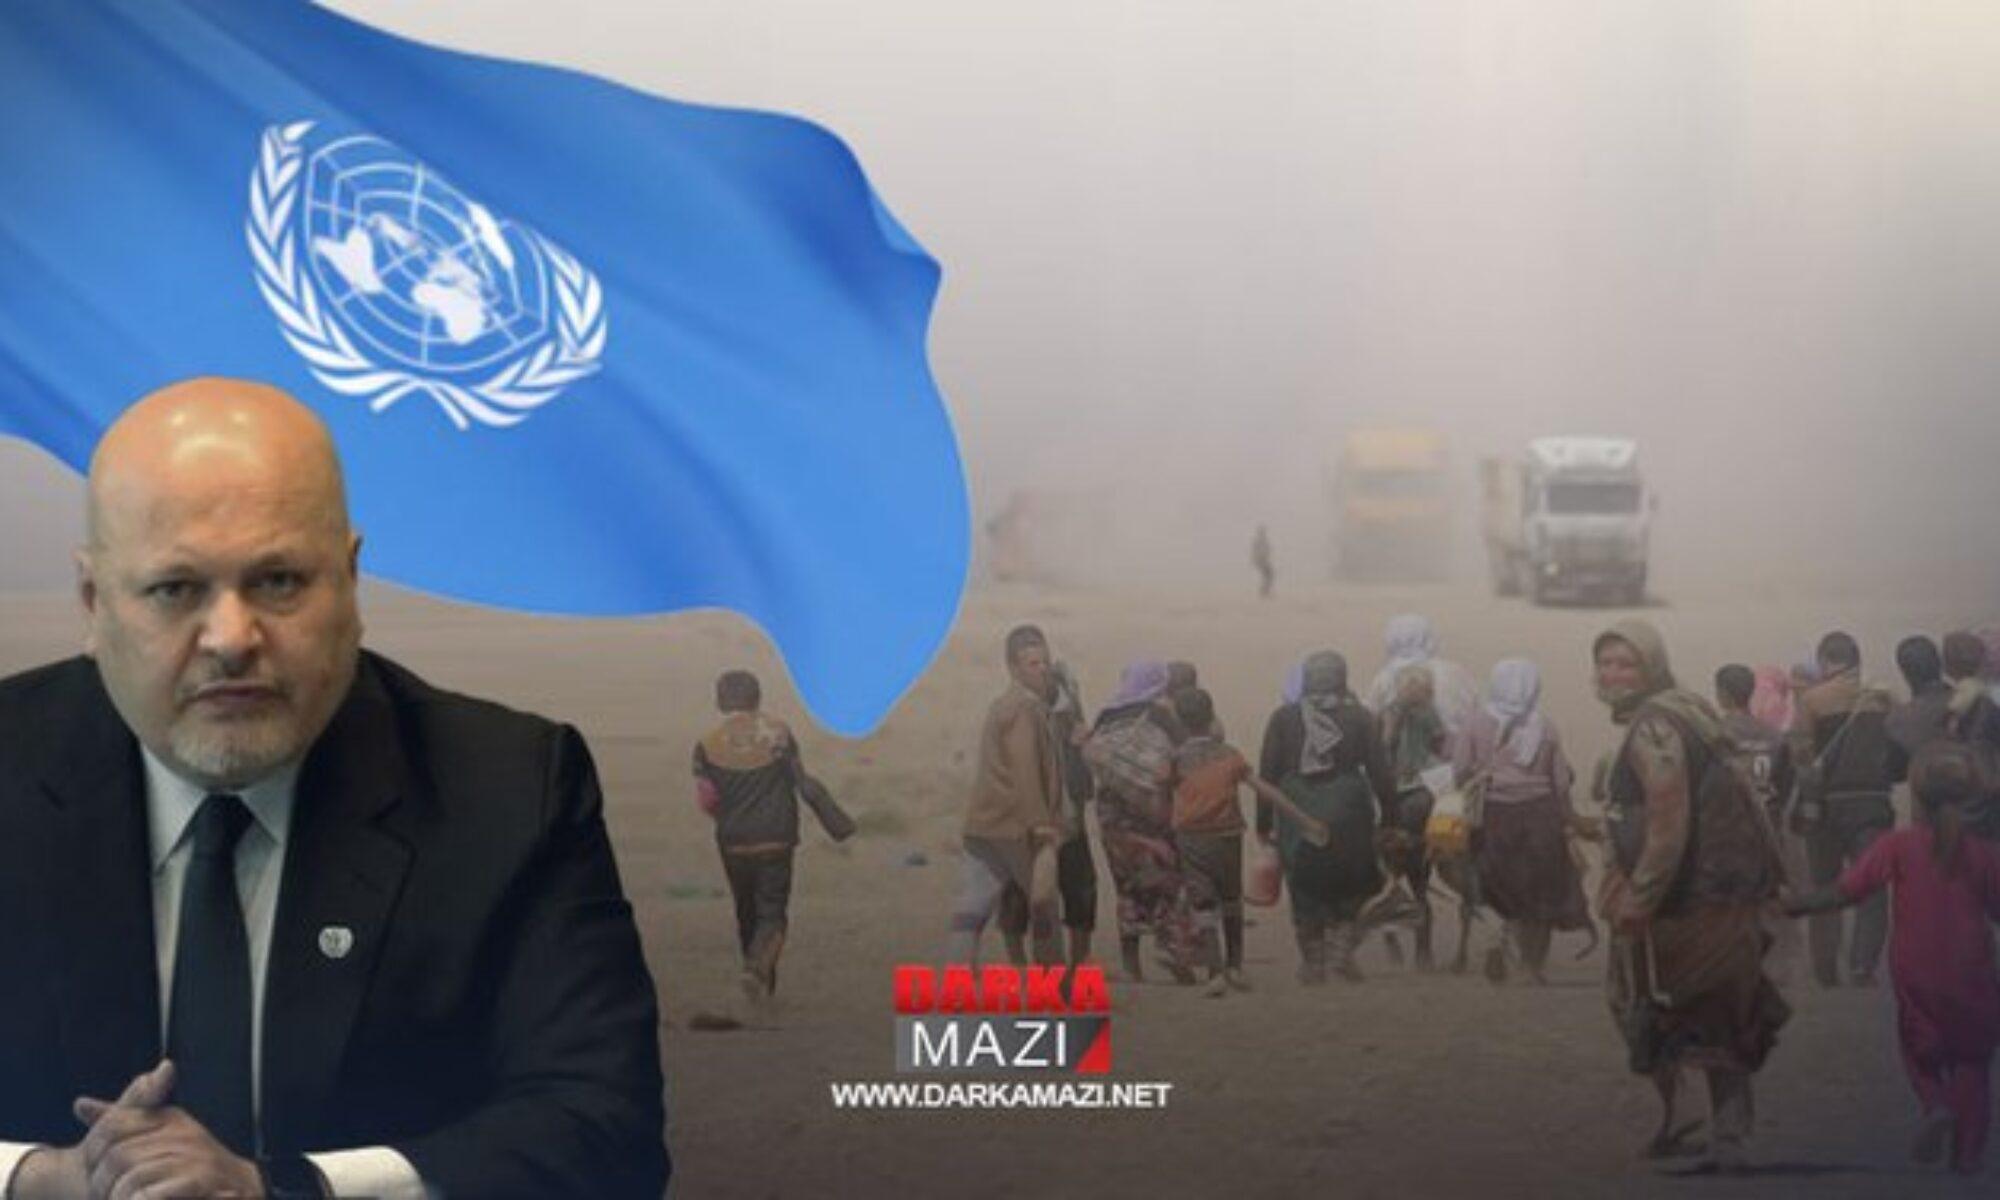 IŞİD Suçlarını Araştırma Komisyonu Başkanı Ehmed Xan: Mesrur Barzani IŞİD'ın Ezidiler üzerindeki katliamını araştırmaya büyük destek veriyor